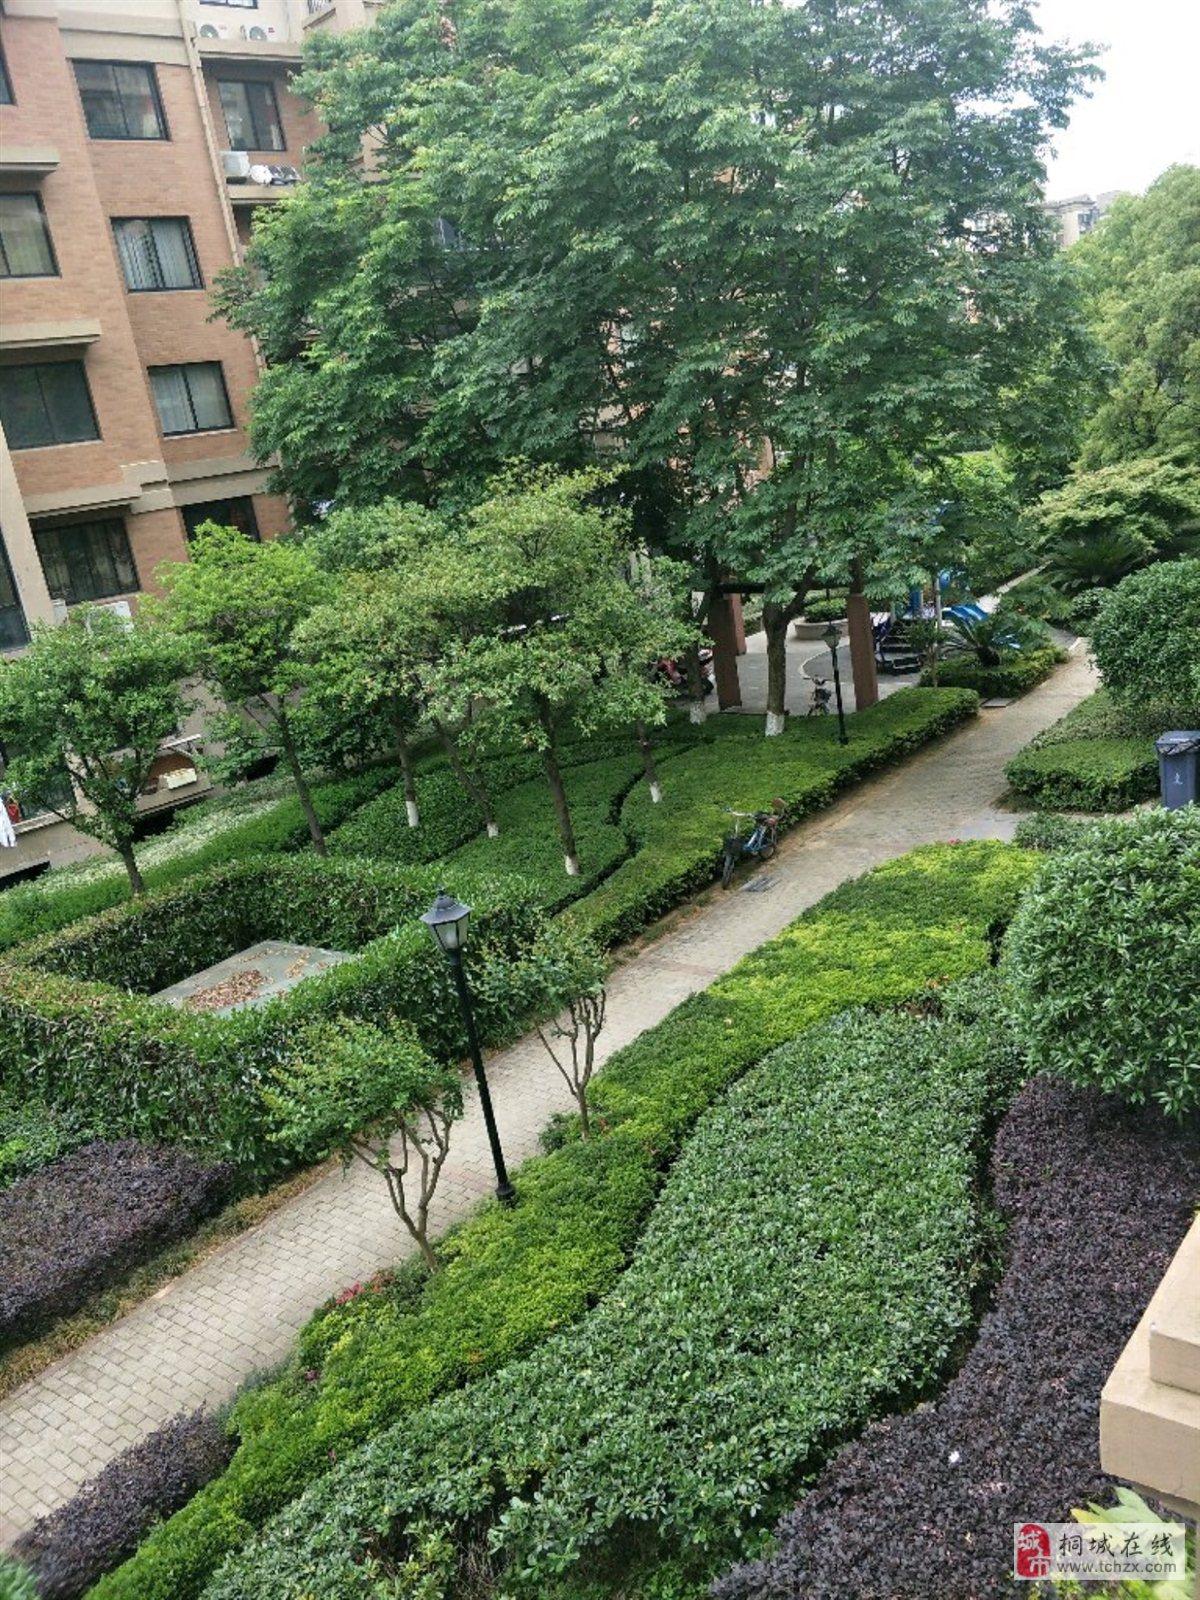 新东方3室2厅1卫76万元高档小区环境优美